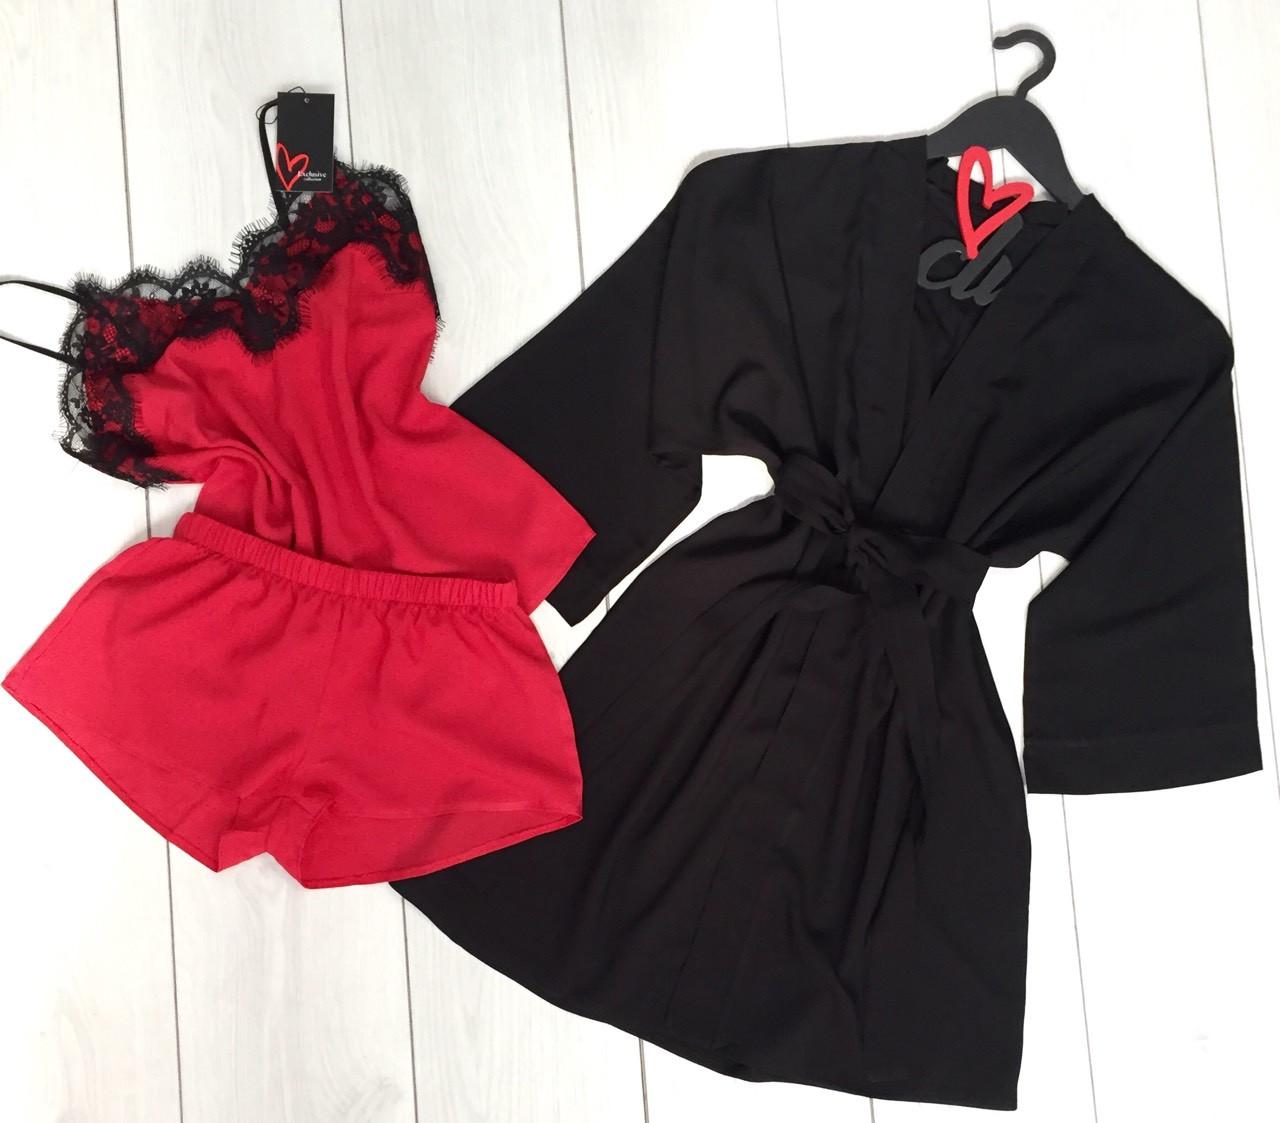 Хлопковый комплект тройка халат майка шорты, пижама женская